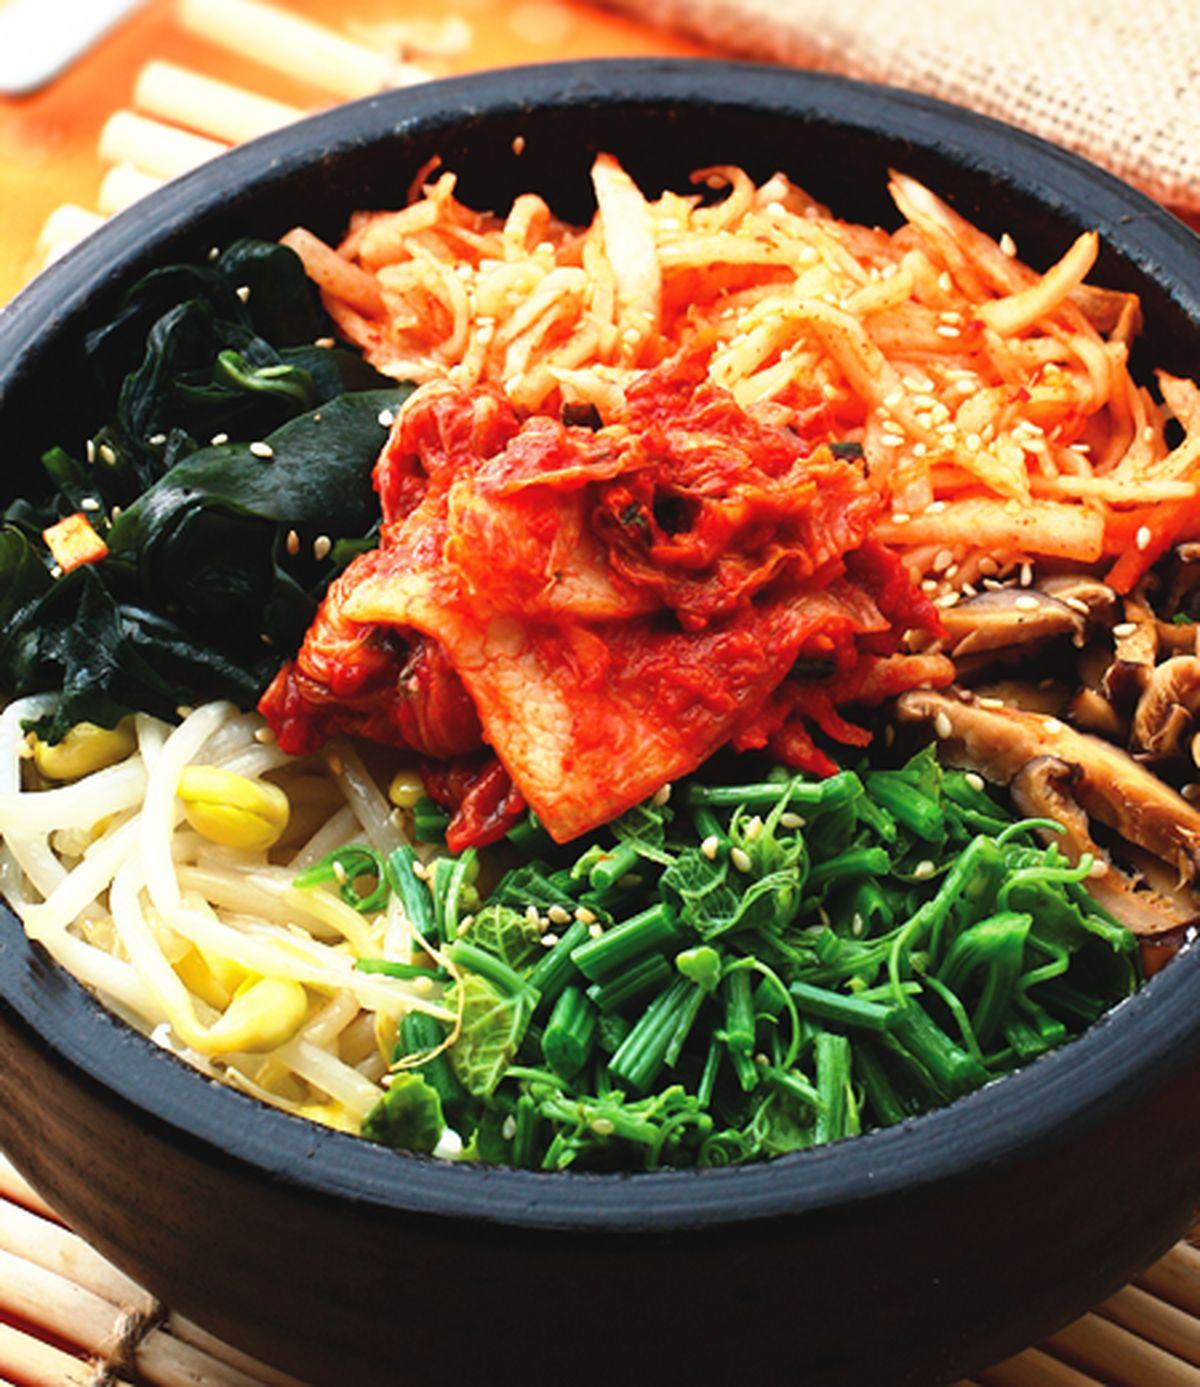 食譜:泡菜拌飯